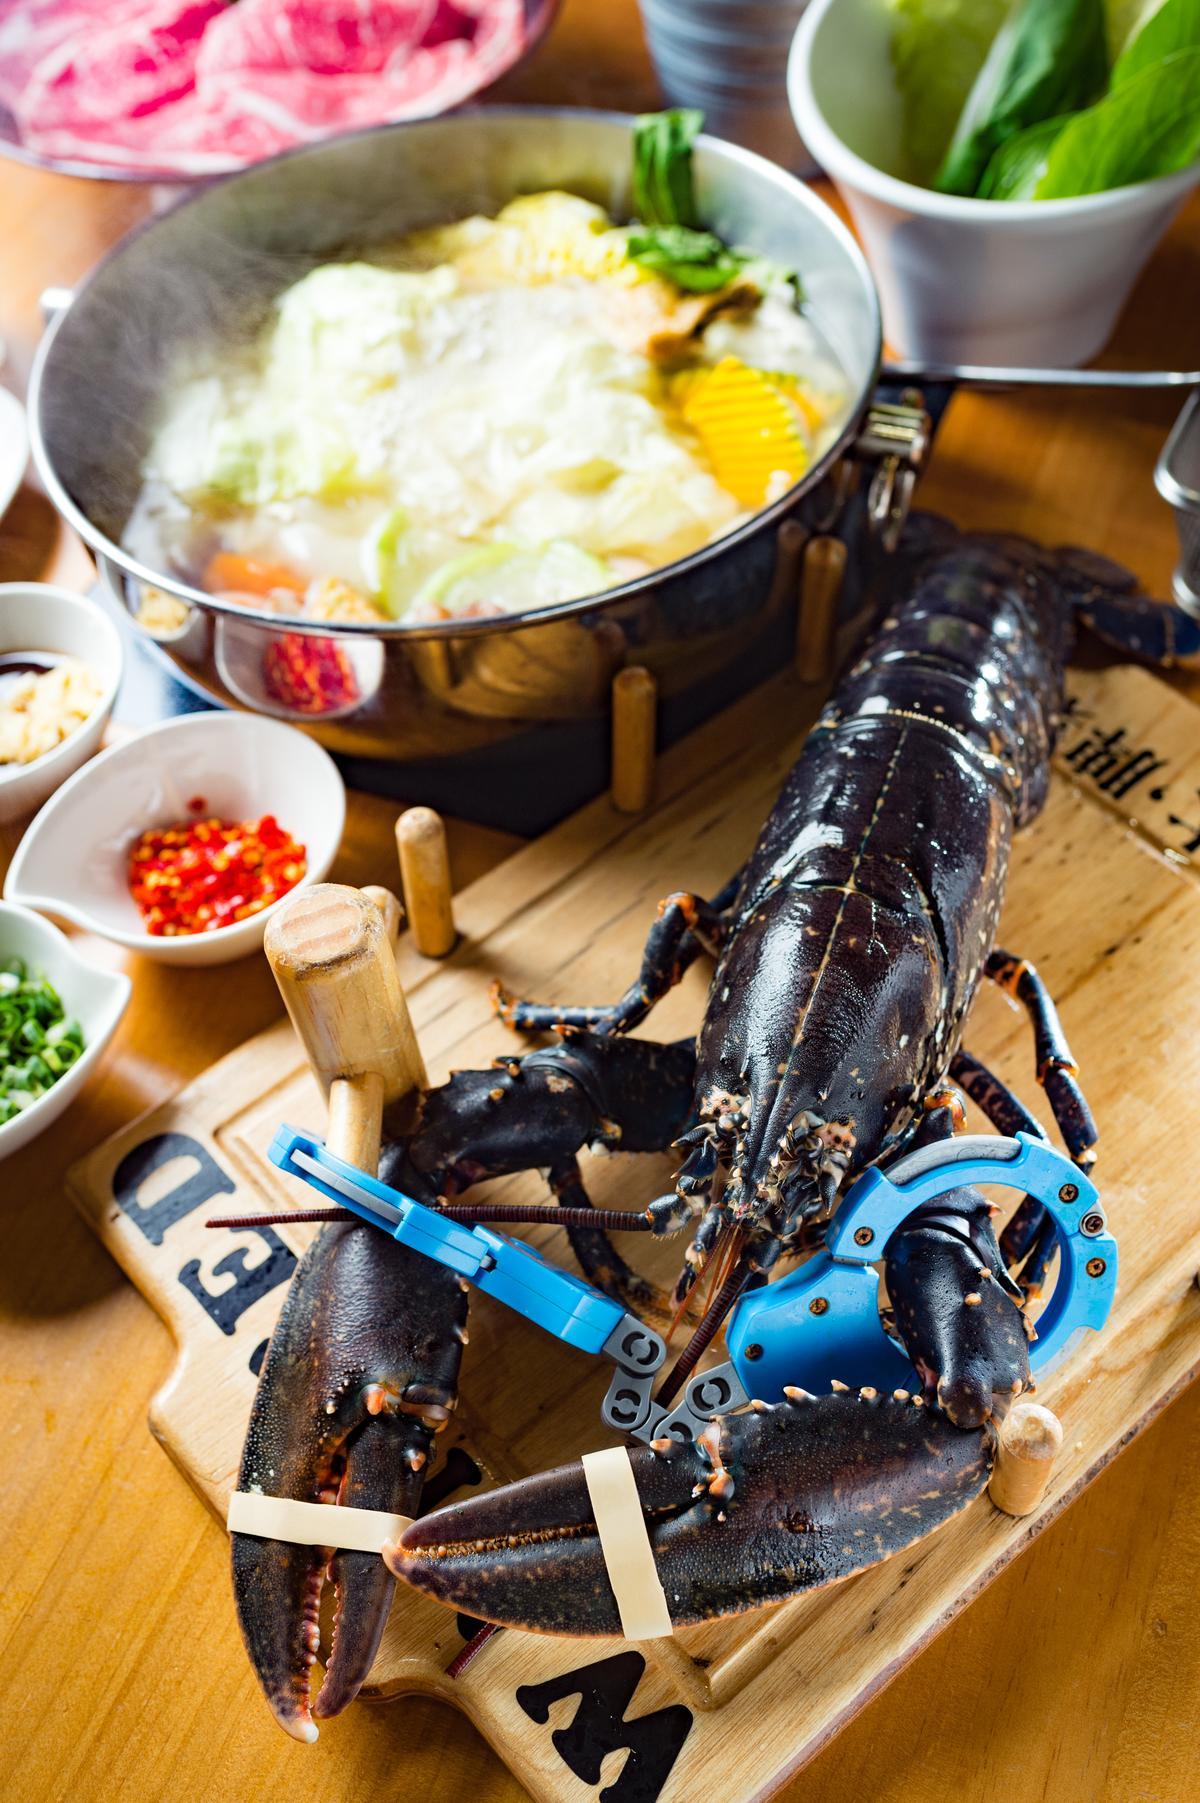 被譽為深海藍寶石的「法國藍龍蝦」,肉身相當細緻甜嫩且蝦味濃郁。(3,198元/雙人套餐,價格會依海鮮大小、時價做調整。)